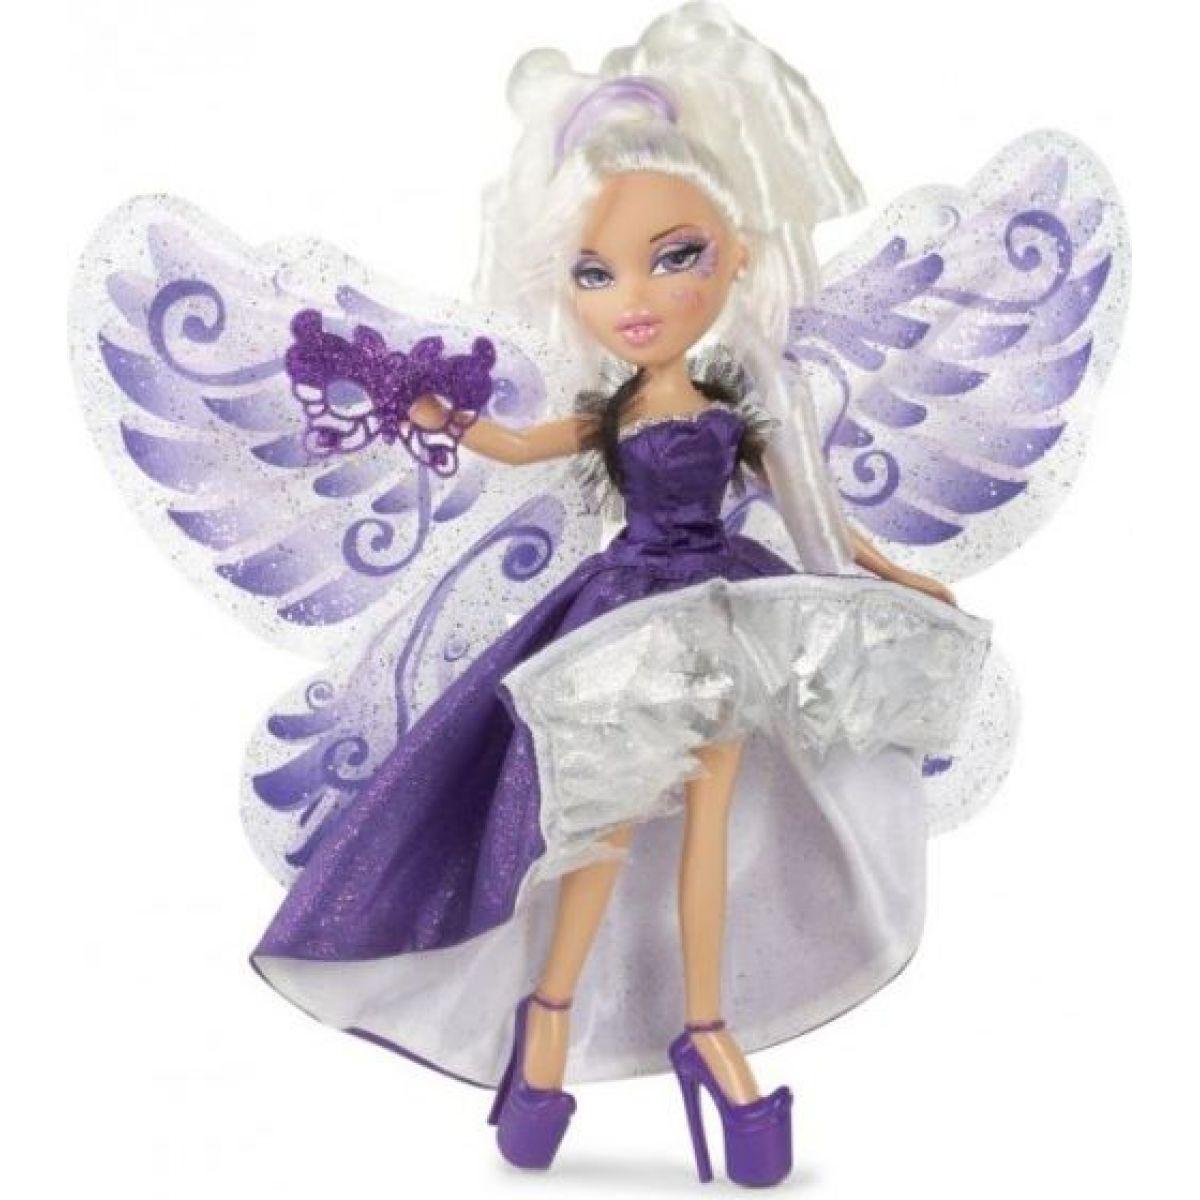 Bratz Chic Mystique víla s motýlými křídly - Cloe